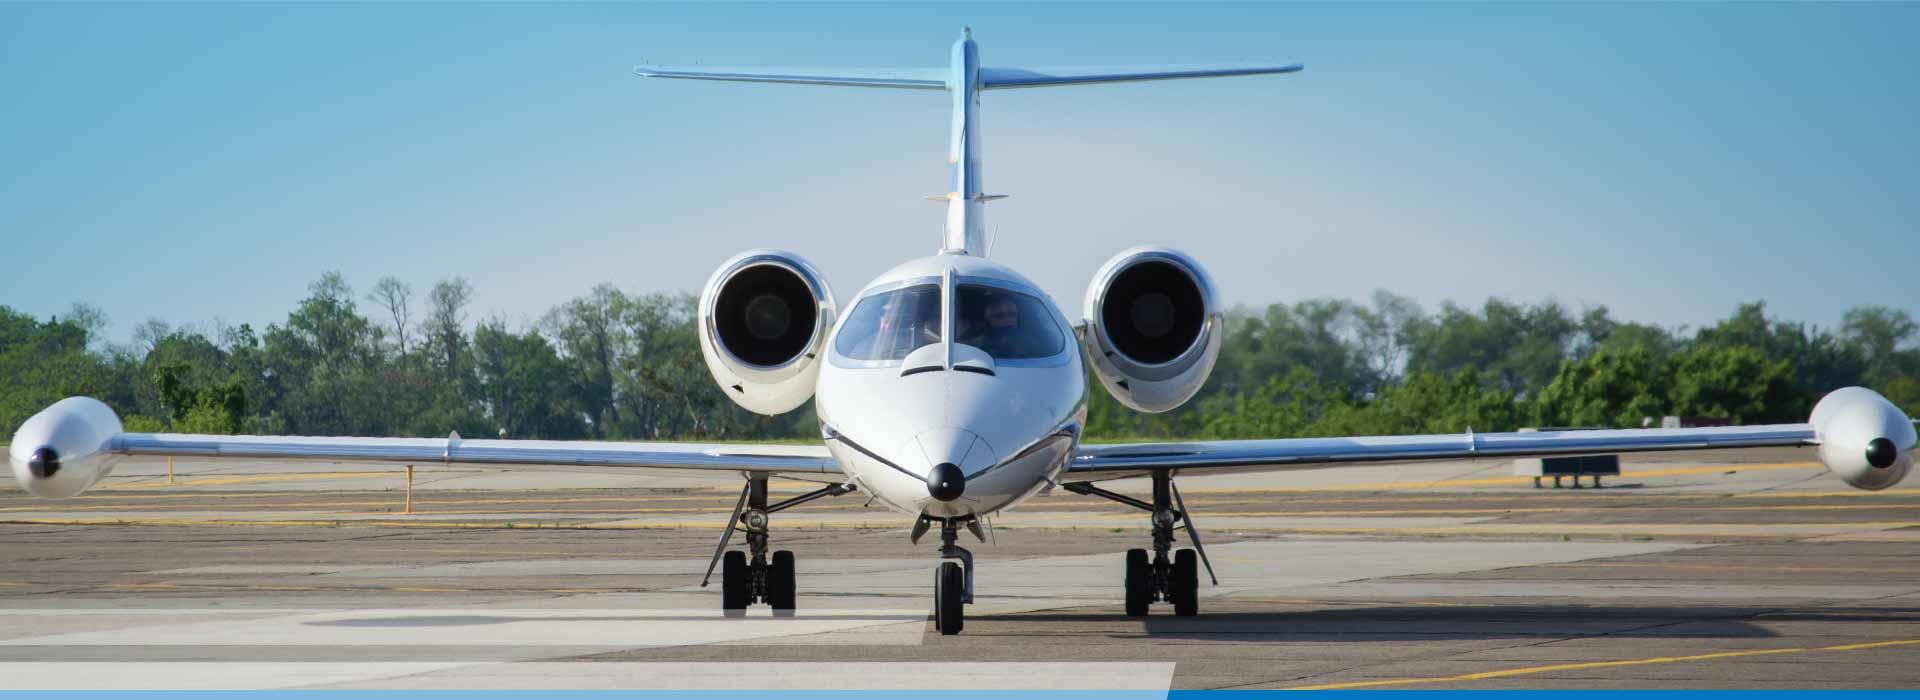 PIA Learjet